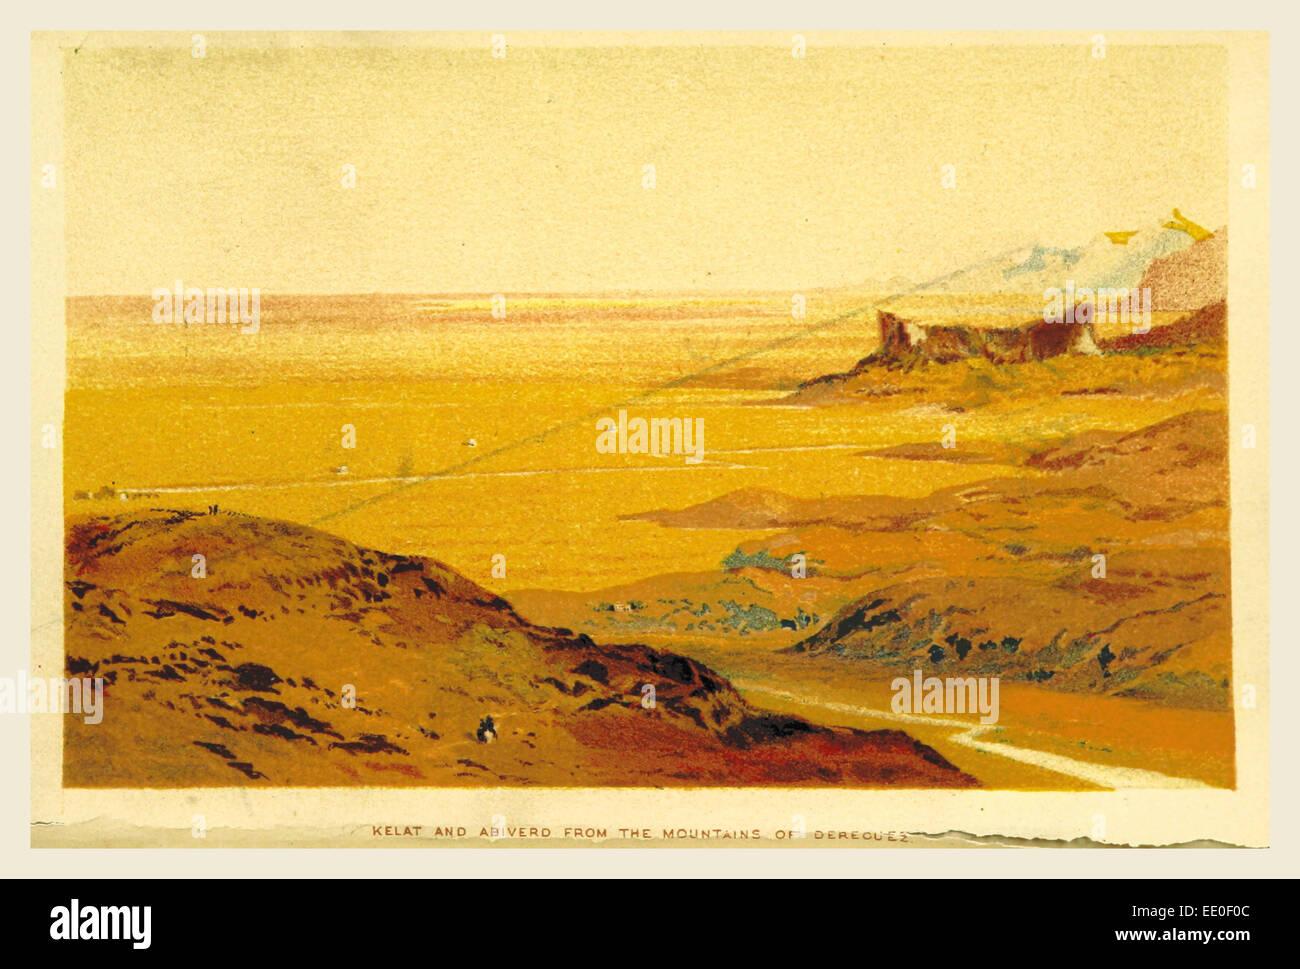 Voyages et d'aventures sur la frontière, Perso-Turkoman Kelat et Abiverd gravure, 19e siècle Photo Stock